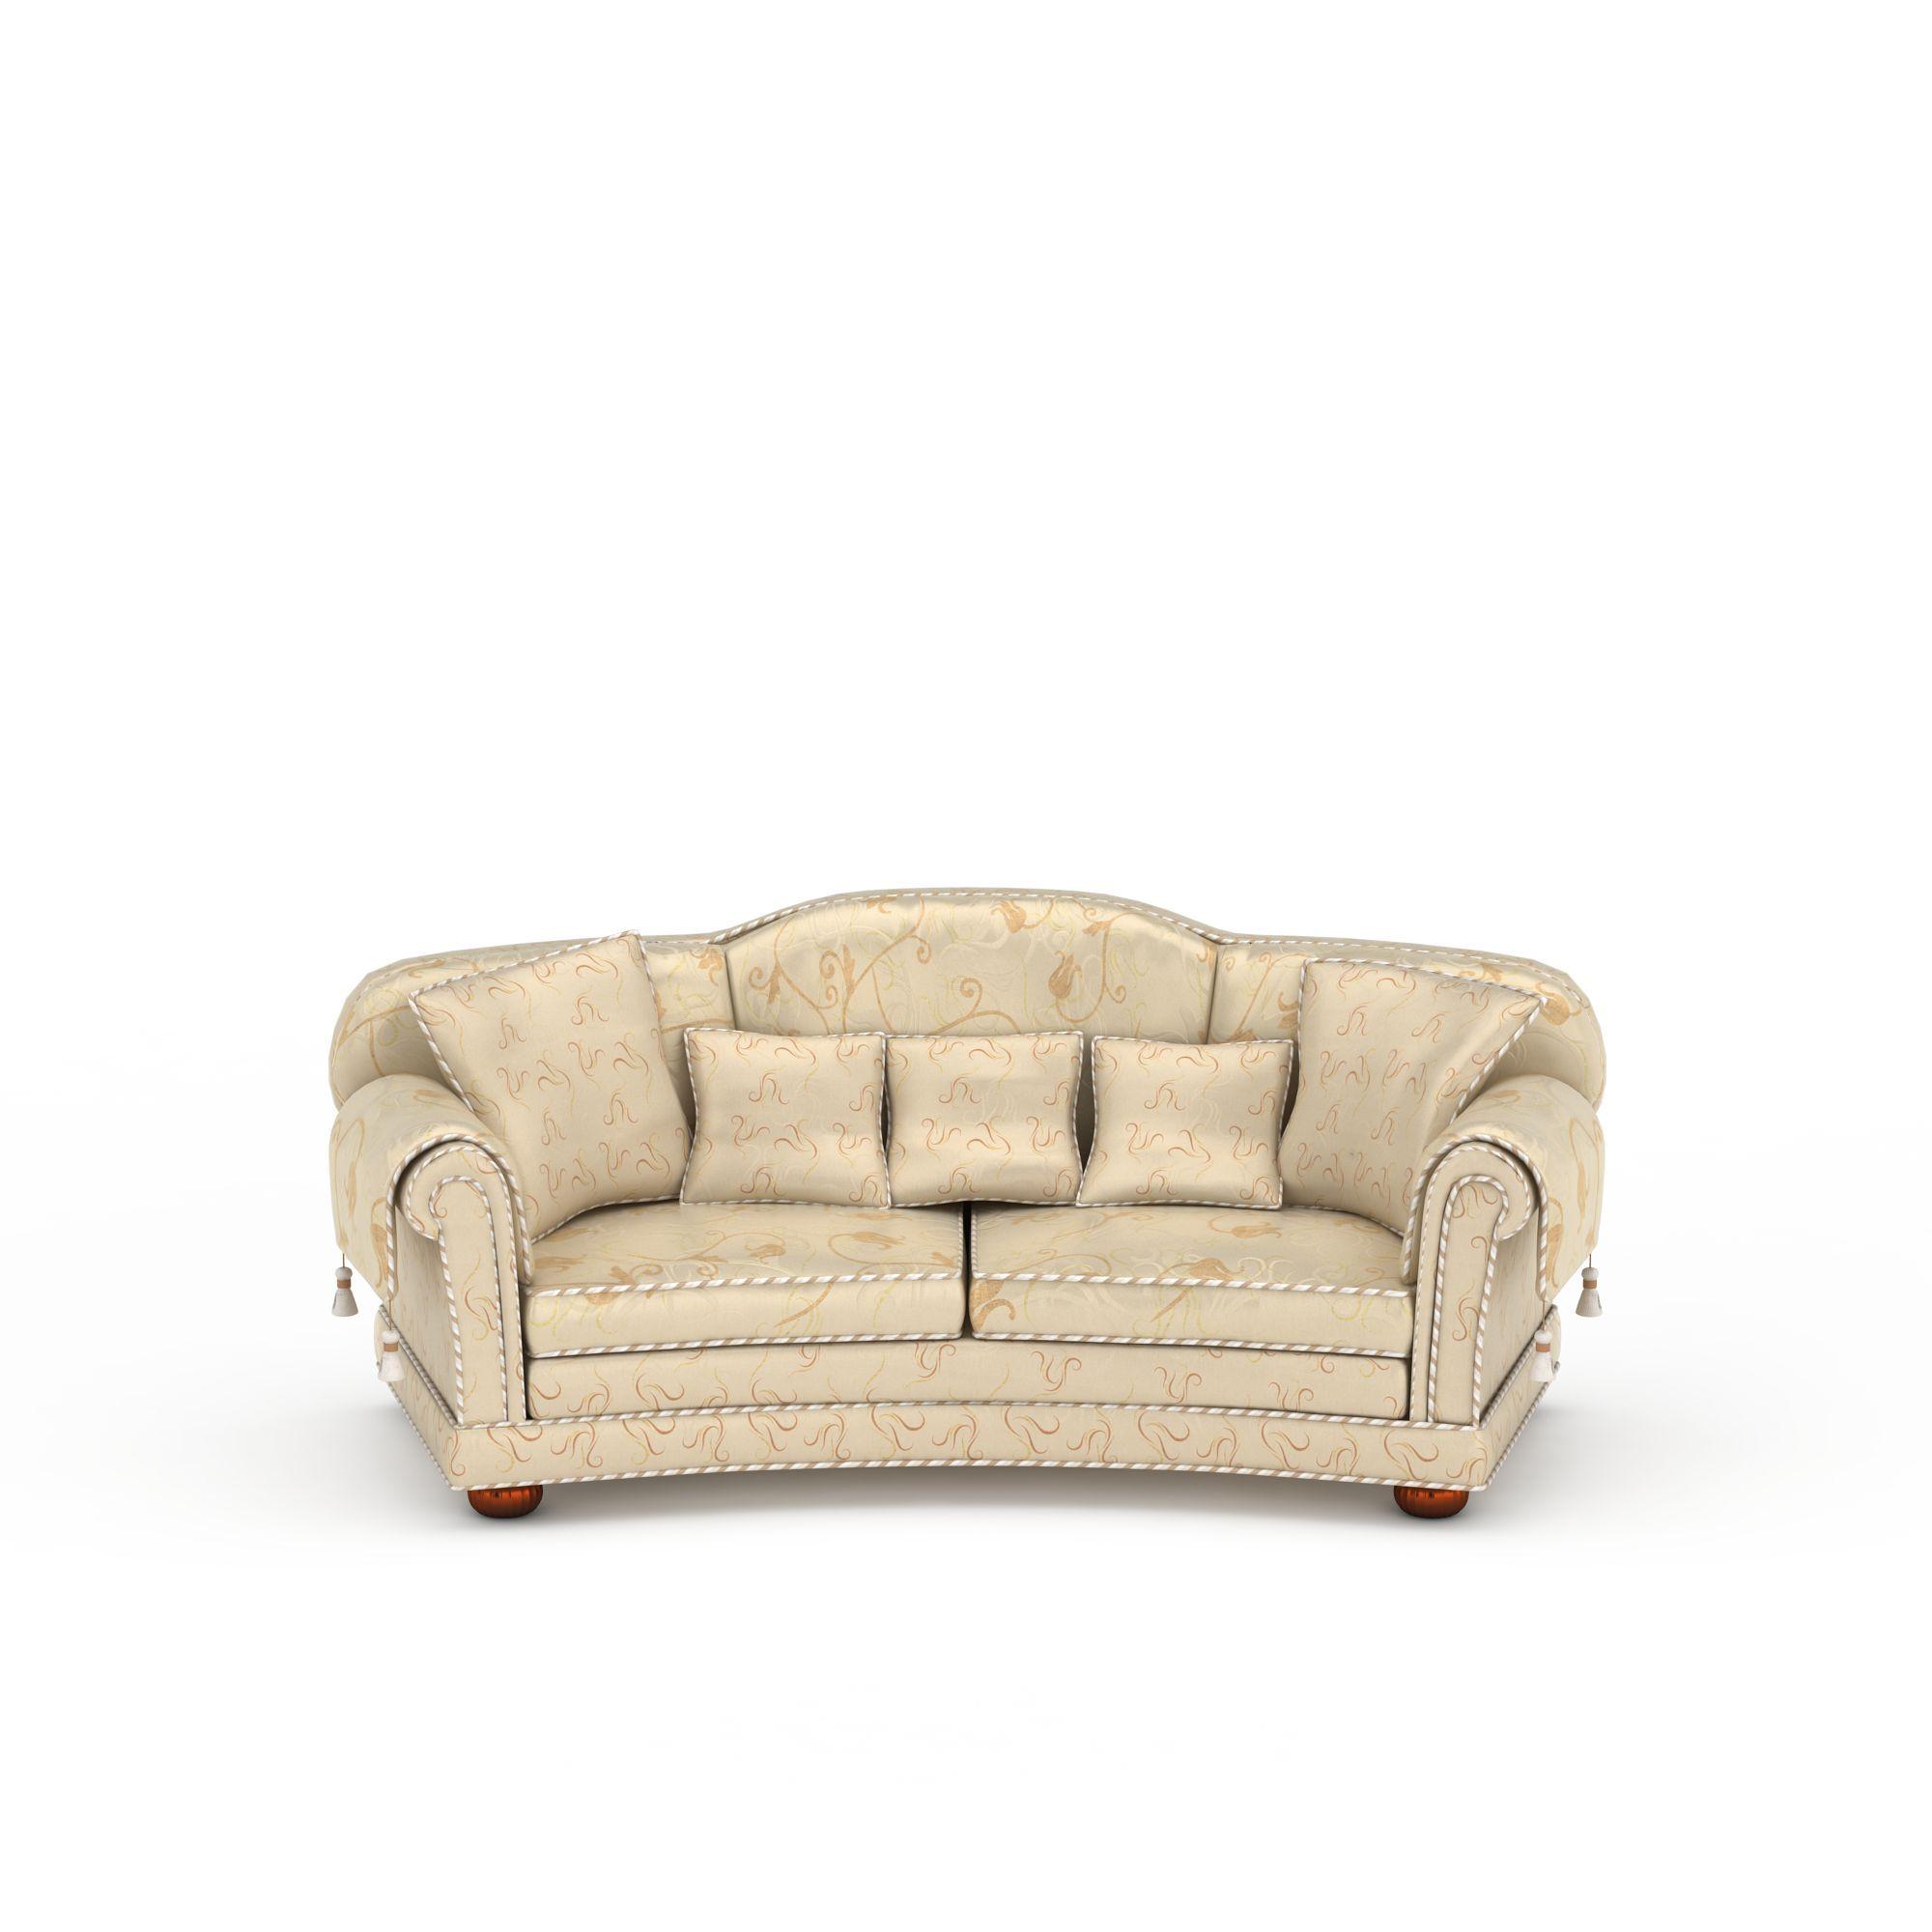 欧式沙发高清图下载图片